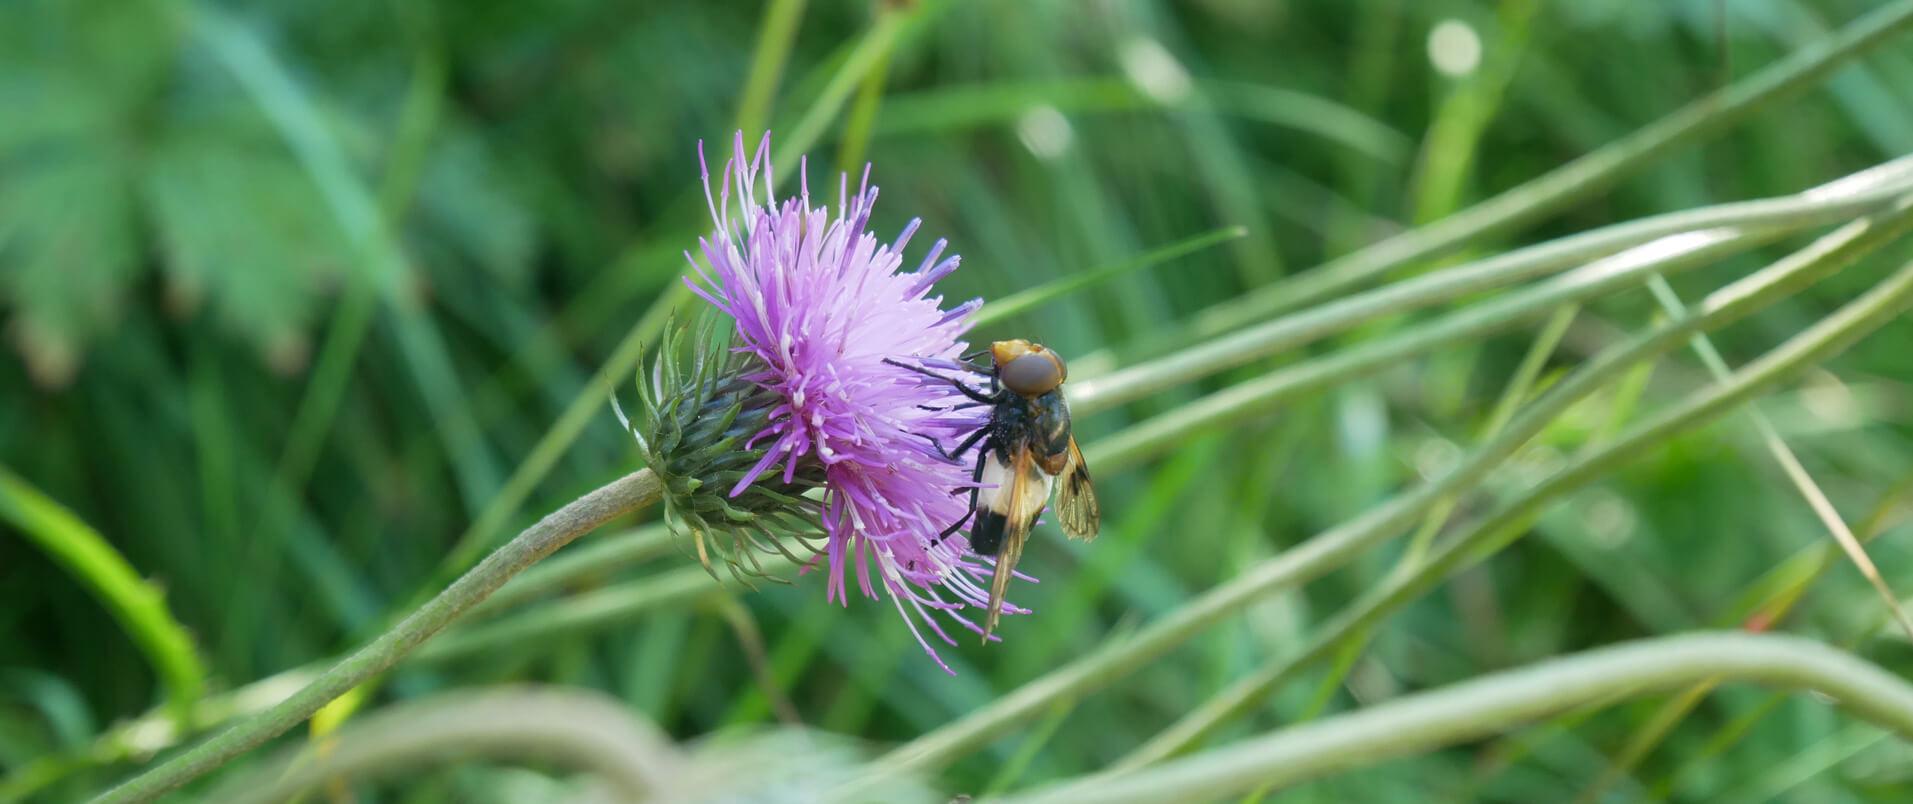 Alpenblumen Insekten